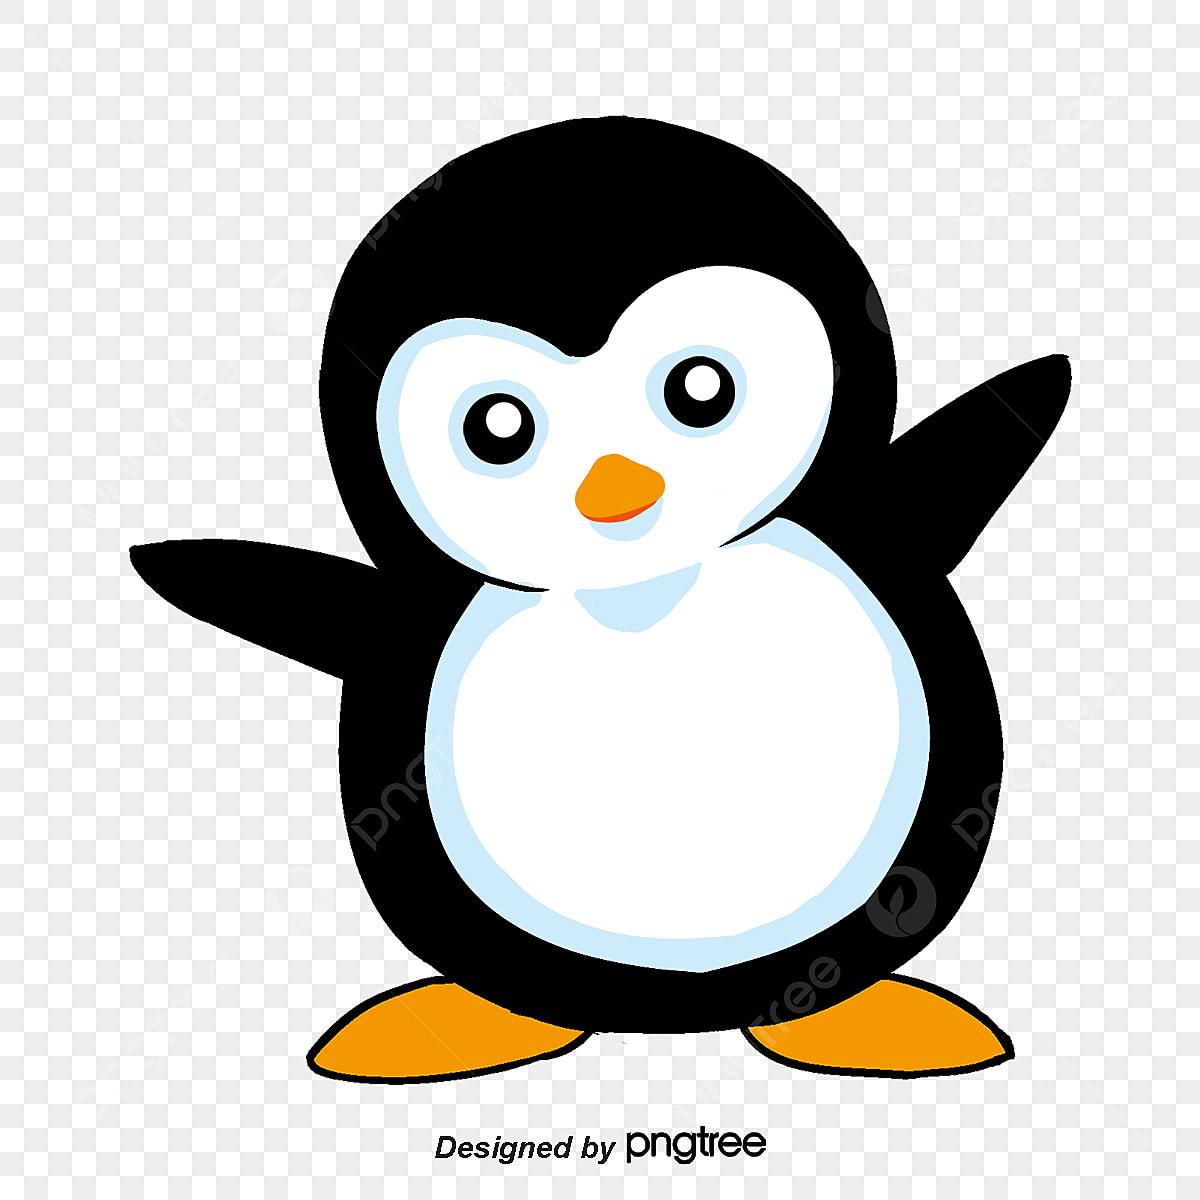 Desenhos Animados Adoraveis Pinguins Pintado A Mao Animais Dos